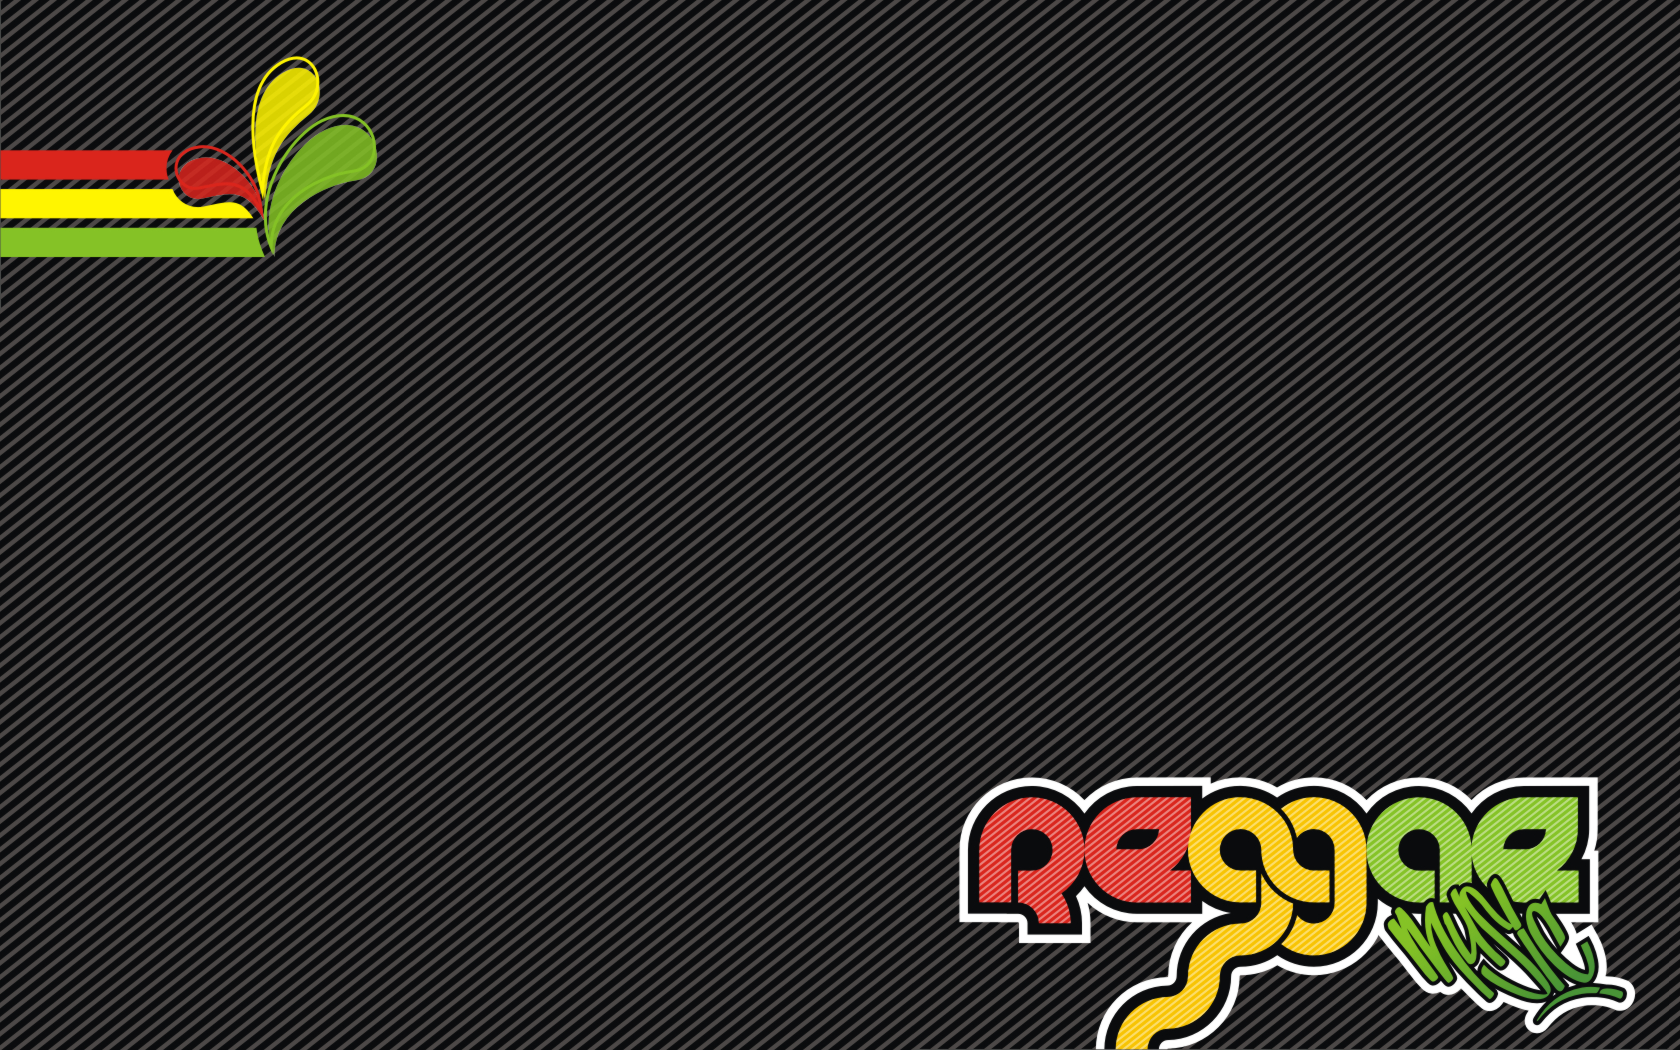 Description HD Reggae Wallpaper is a hi res Wallpaper for pc desktops 1680x1050